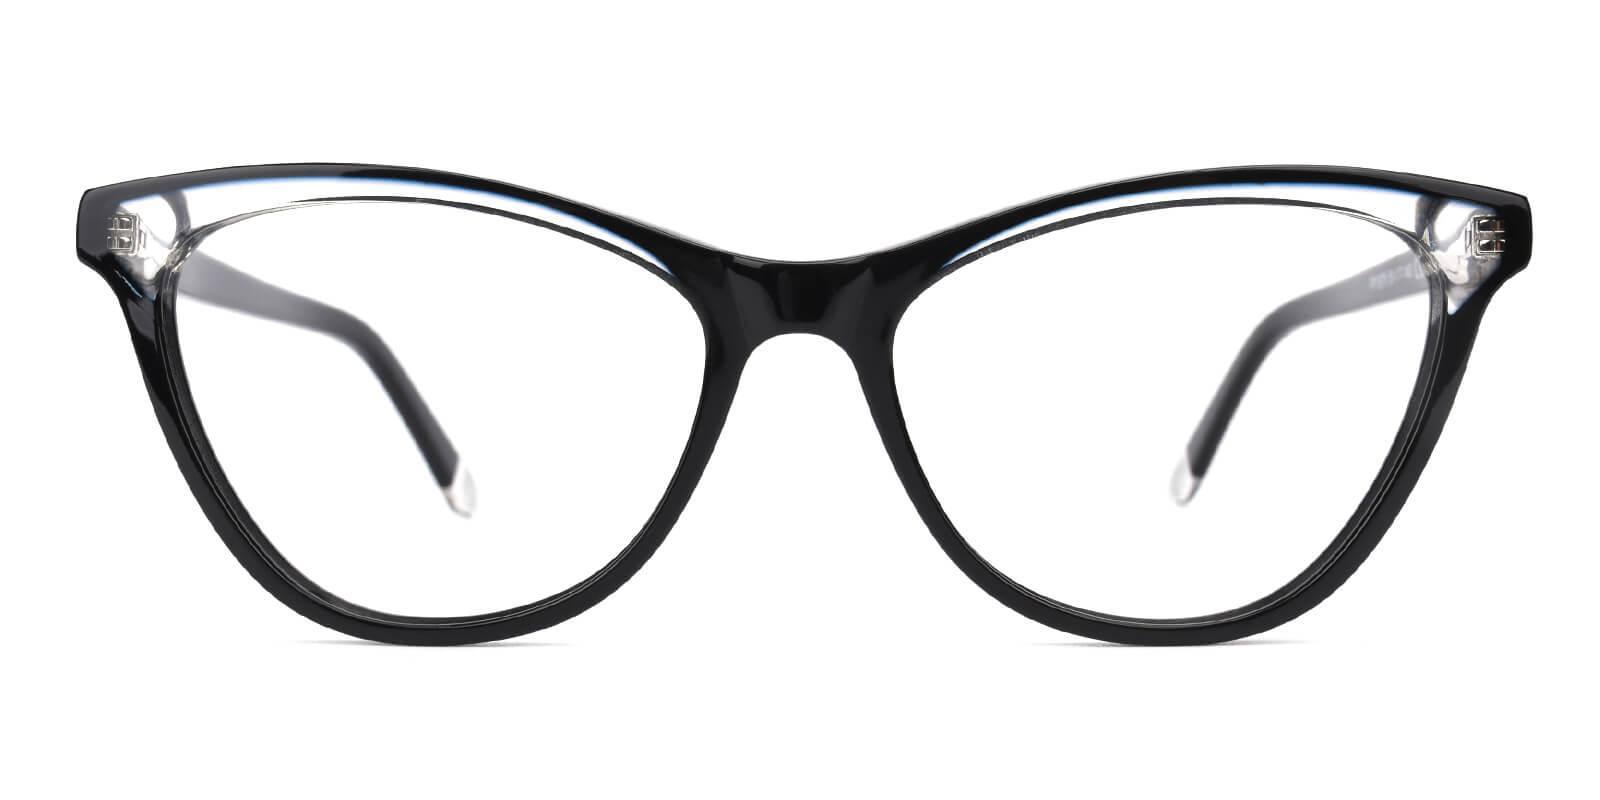 Florencer-Black-Oval / Cat-Acetate-Eyeglasses-detail